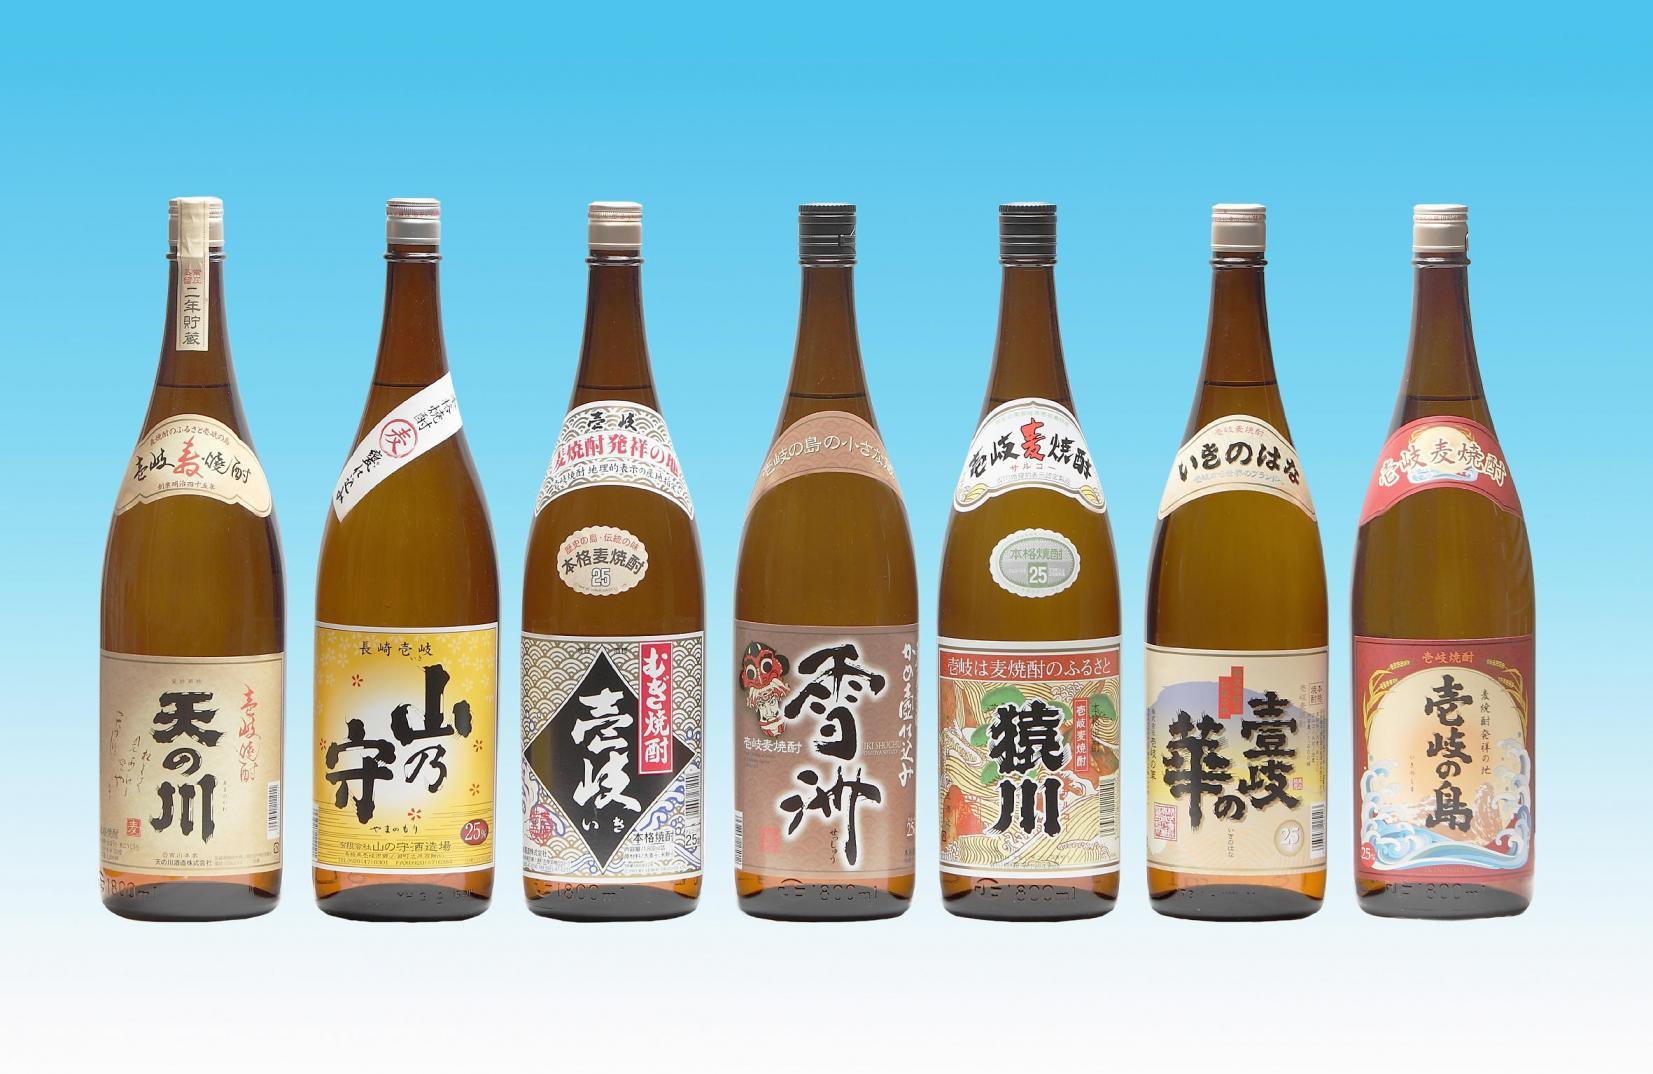 世界の銘酒「壱岐焼酎」美味しさの秘密に迫る!-0